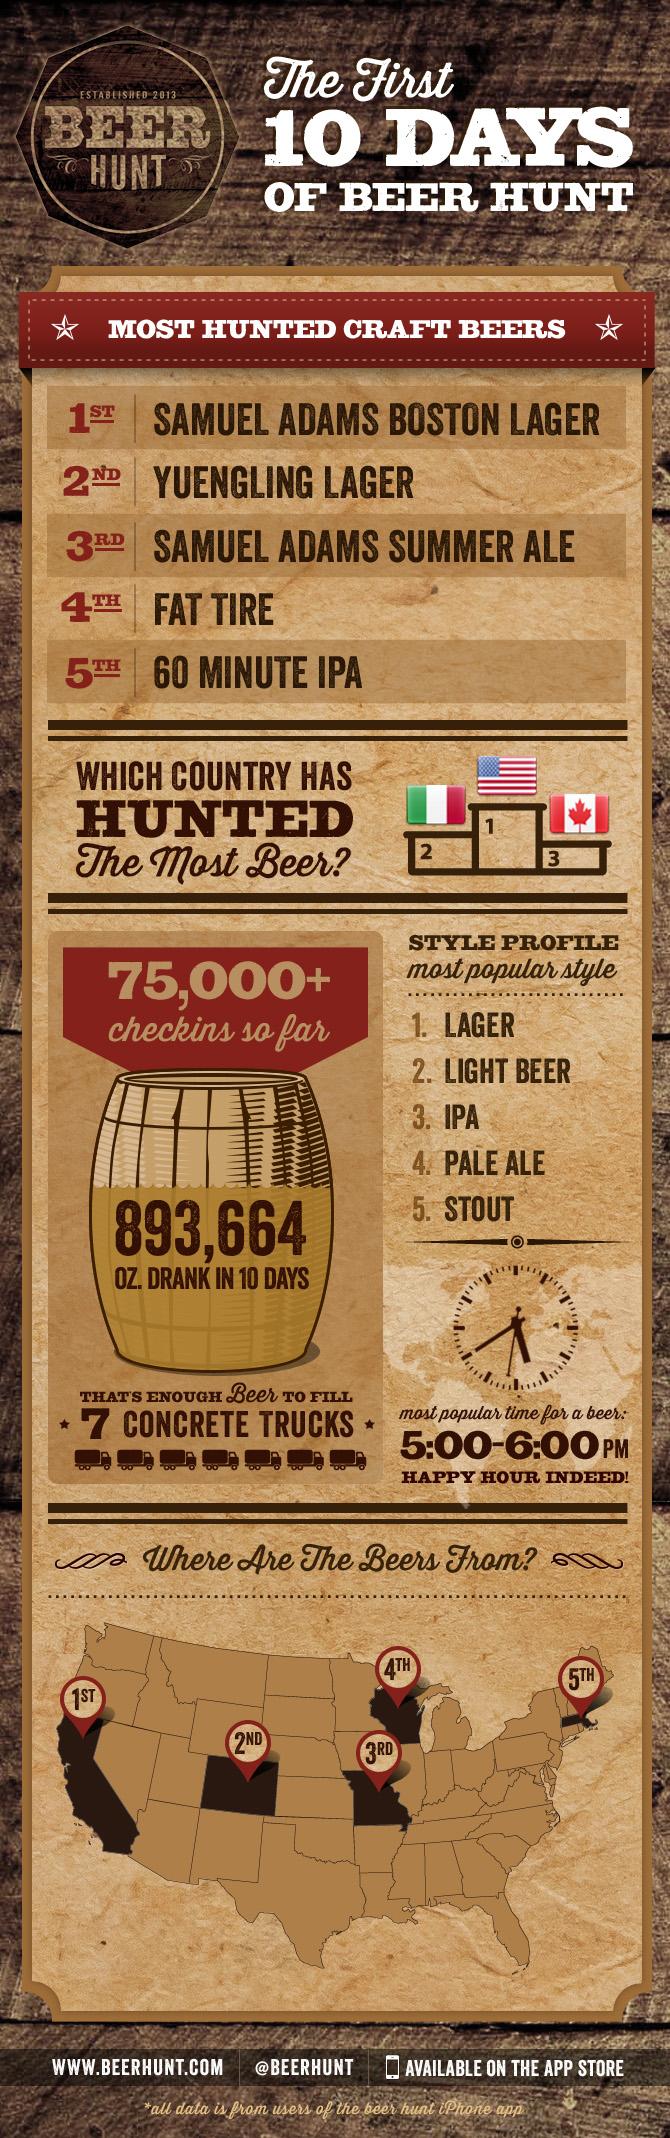 BeerHunt_First10Days